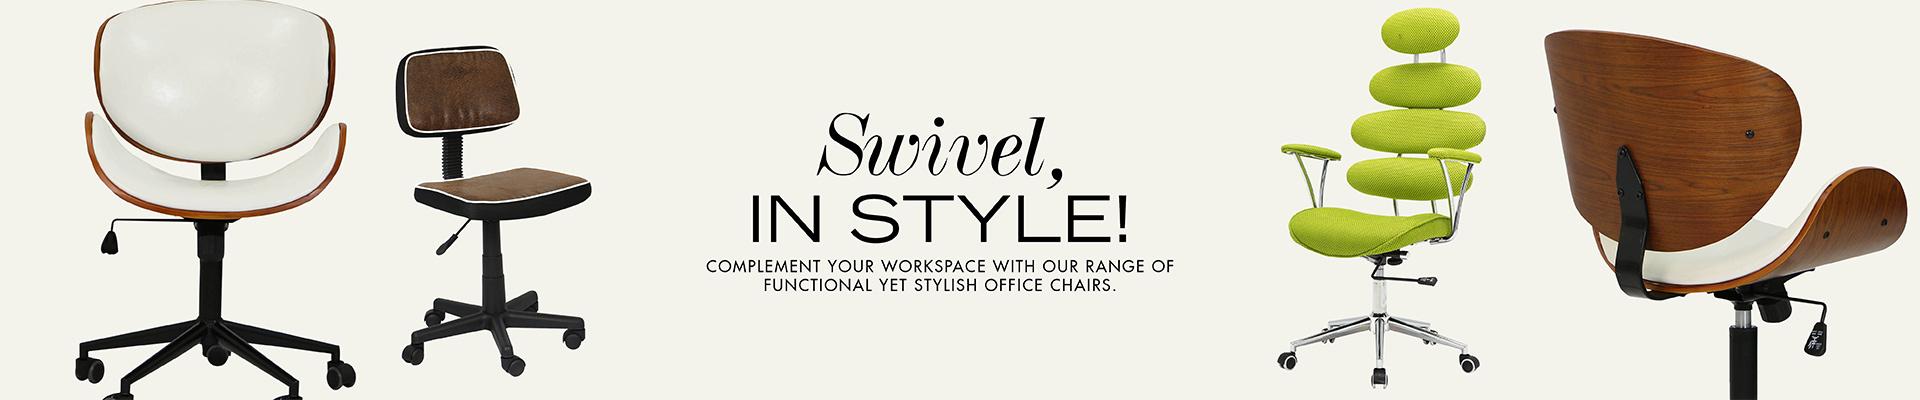 Swivel, In Style